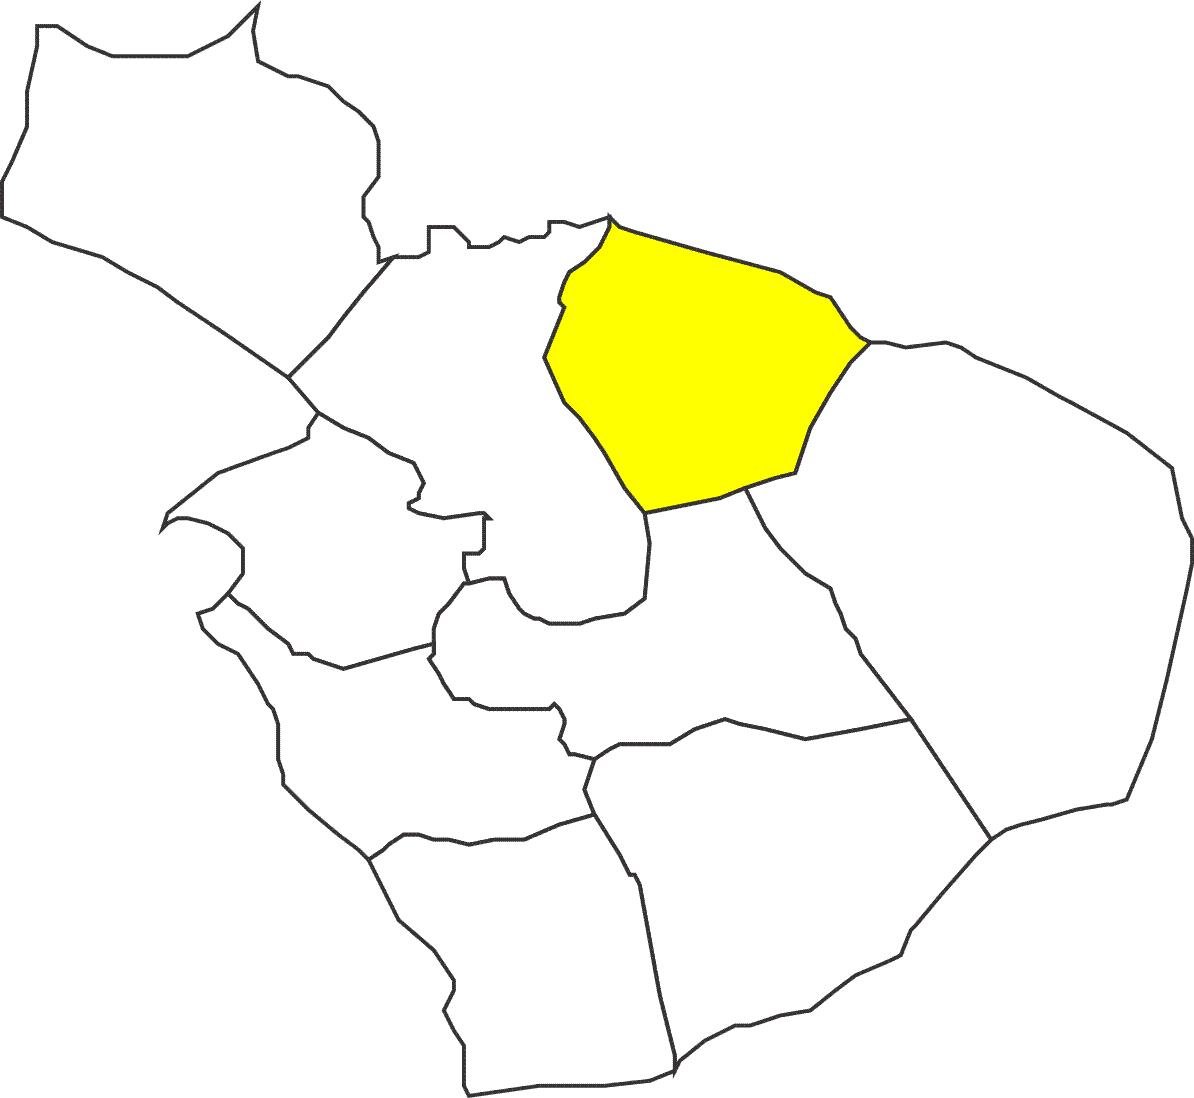 دهستان داودآباد